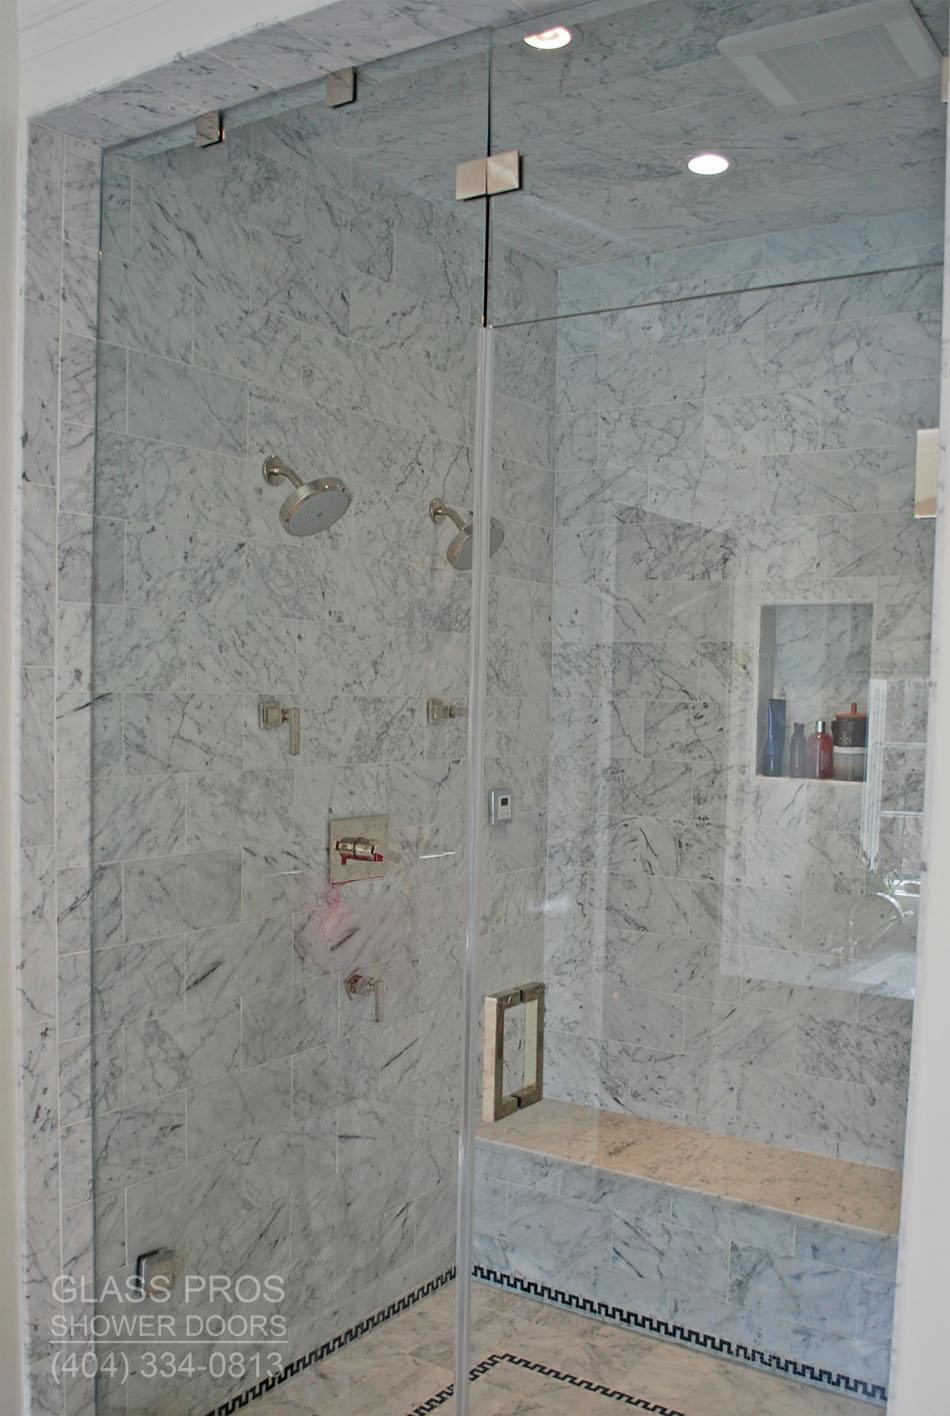 Glass Pros Of Cumming Frameless And Semi Framed Shower Doors